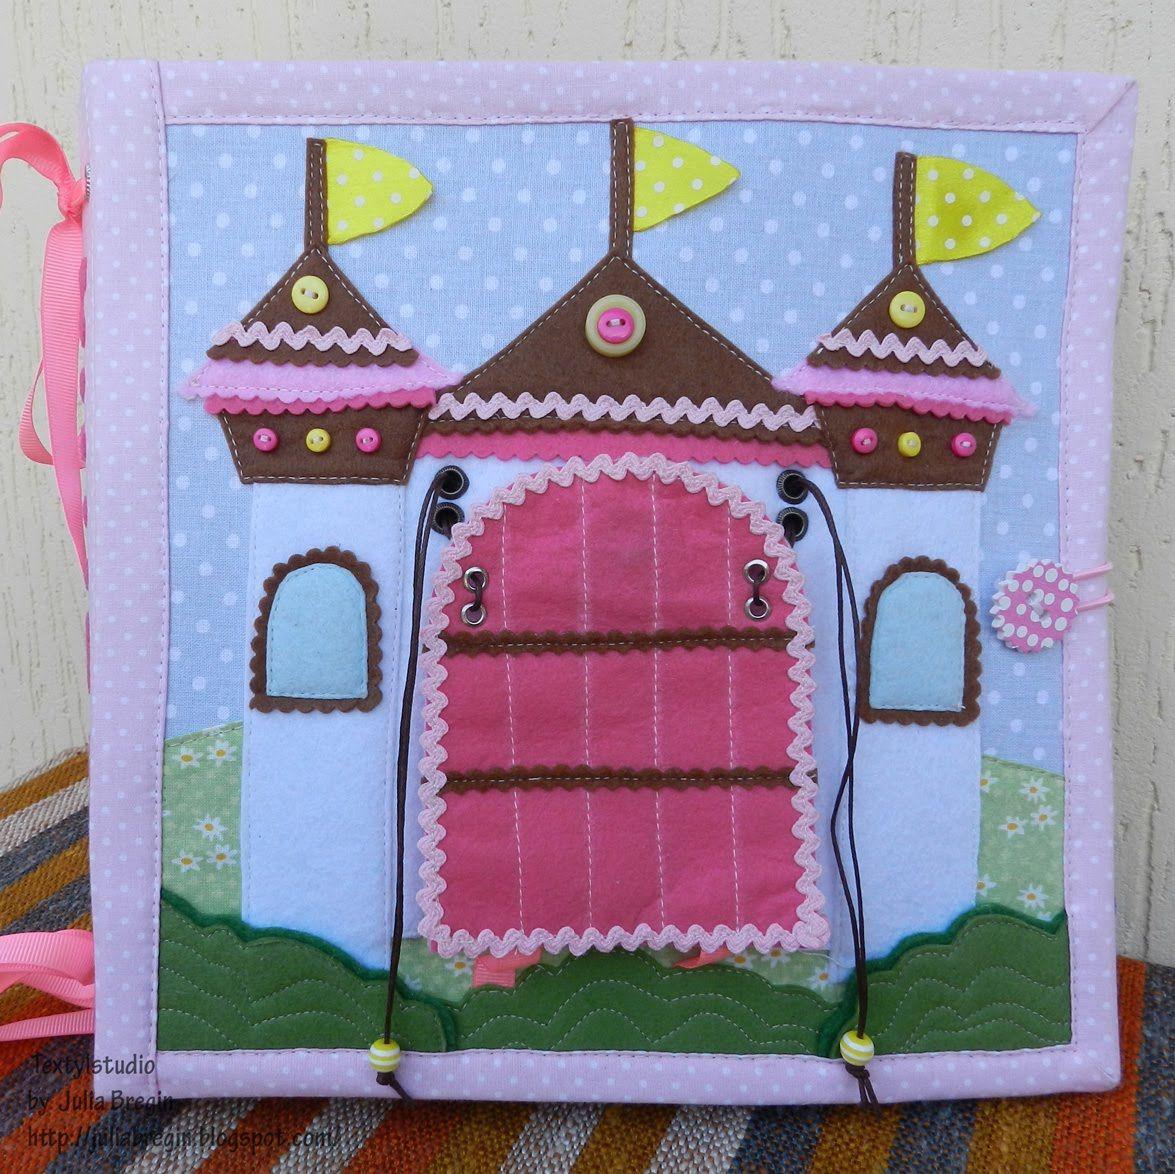 Розвиваюча книжка для дівчат від трьох років. В книзі кілька ігрових зон: спальня, гардероб, кухня, дитячий майданчик. Email: pro100iv@ukr.net блог: http://j...